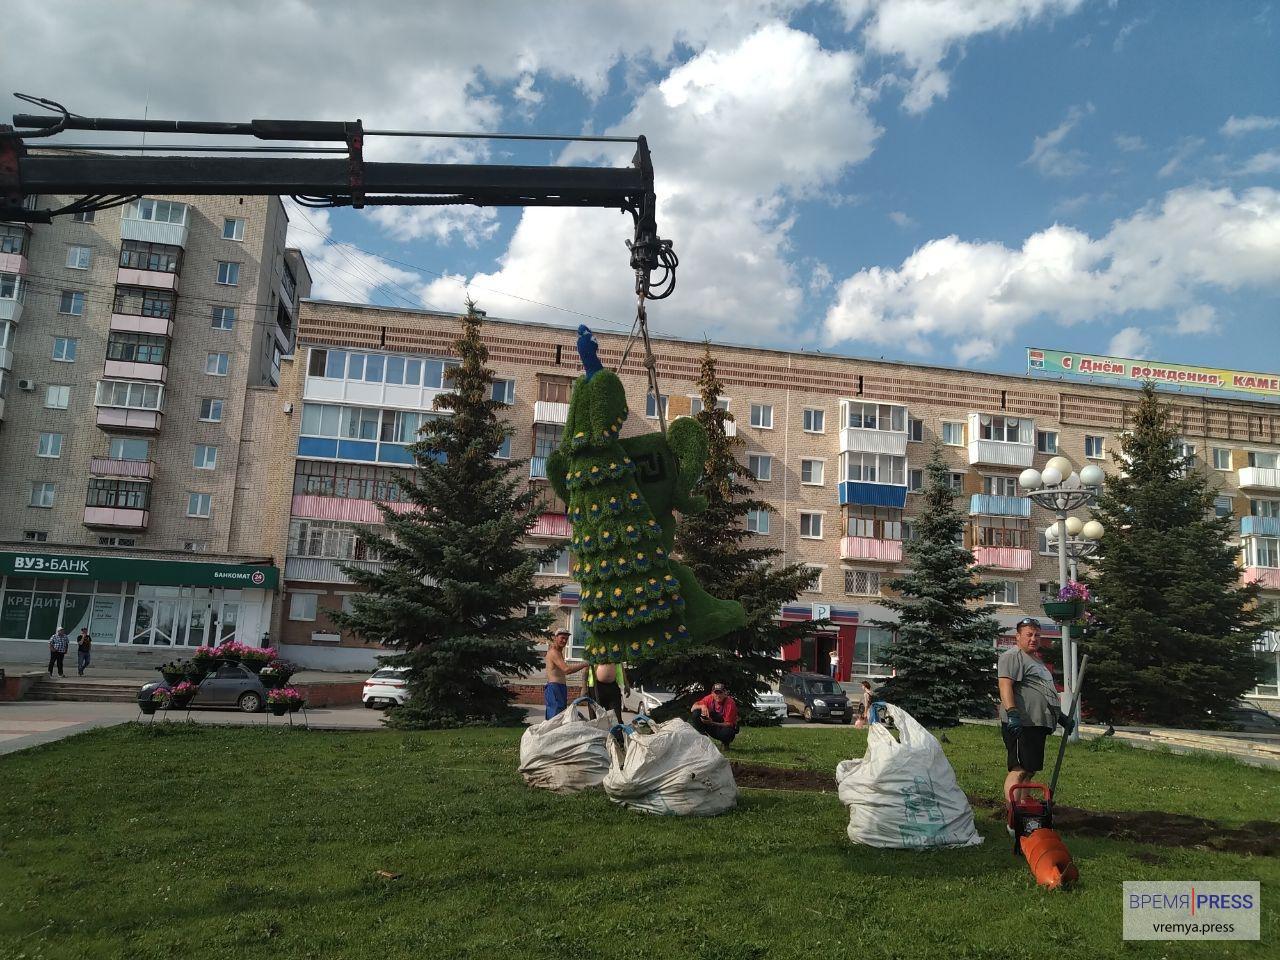 Фигура павлина появилась в центре Каменска-Уральского